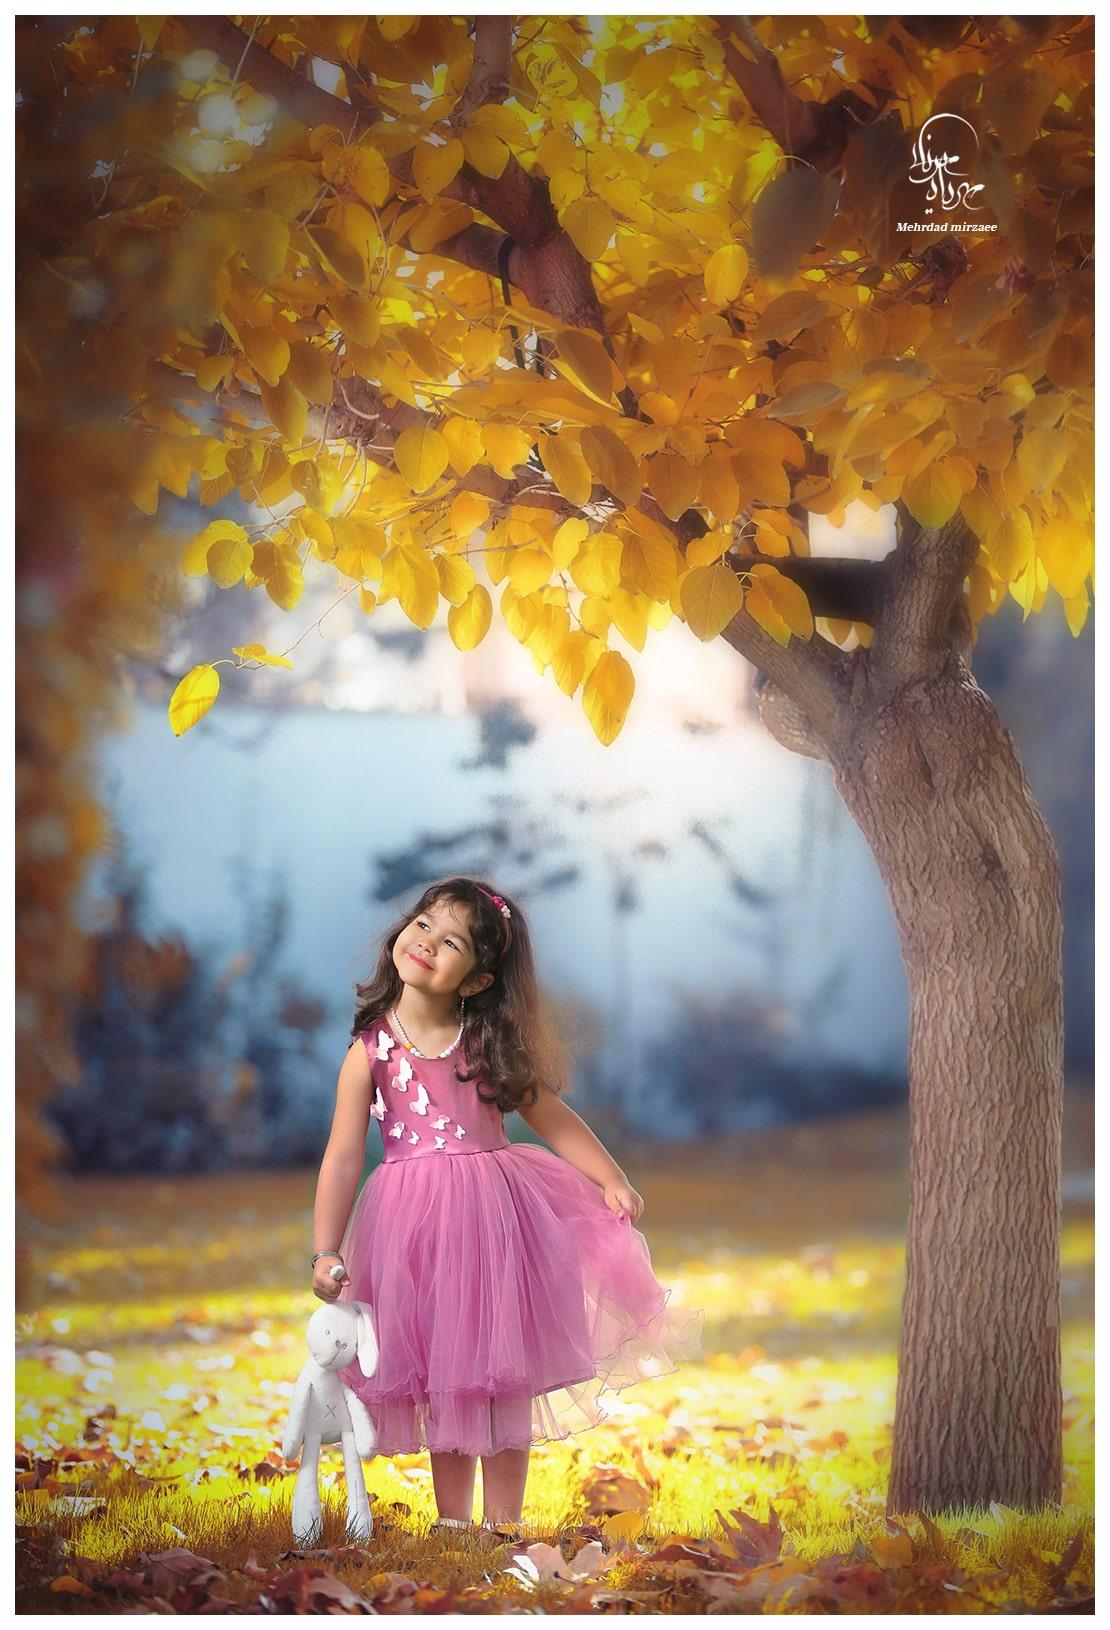 ژست عکس پاییزی کودکانه/آتلیه مهرداد میرزایی/ ژست عکس کودک در طبیعت/ عکاسی در فضای باز/